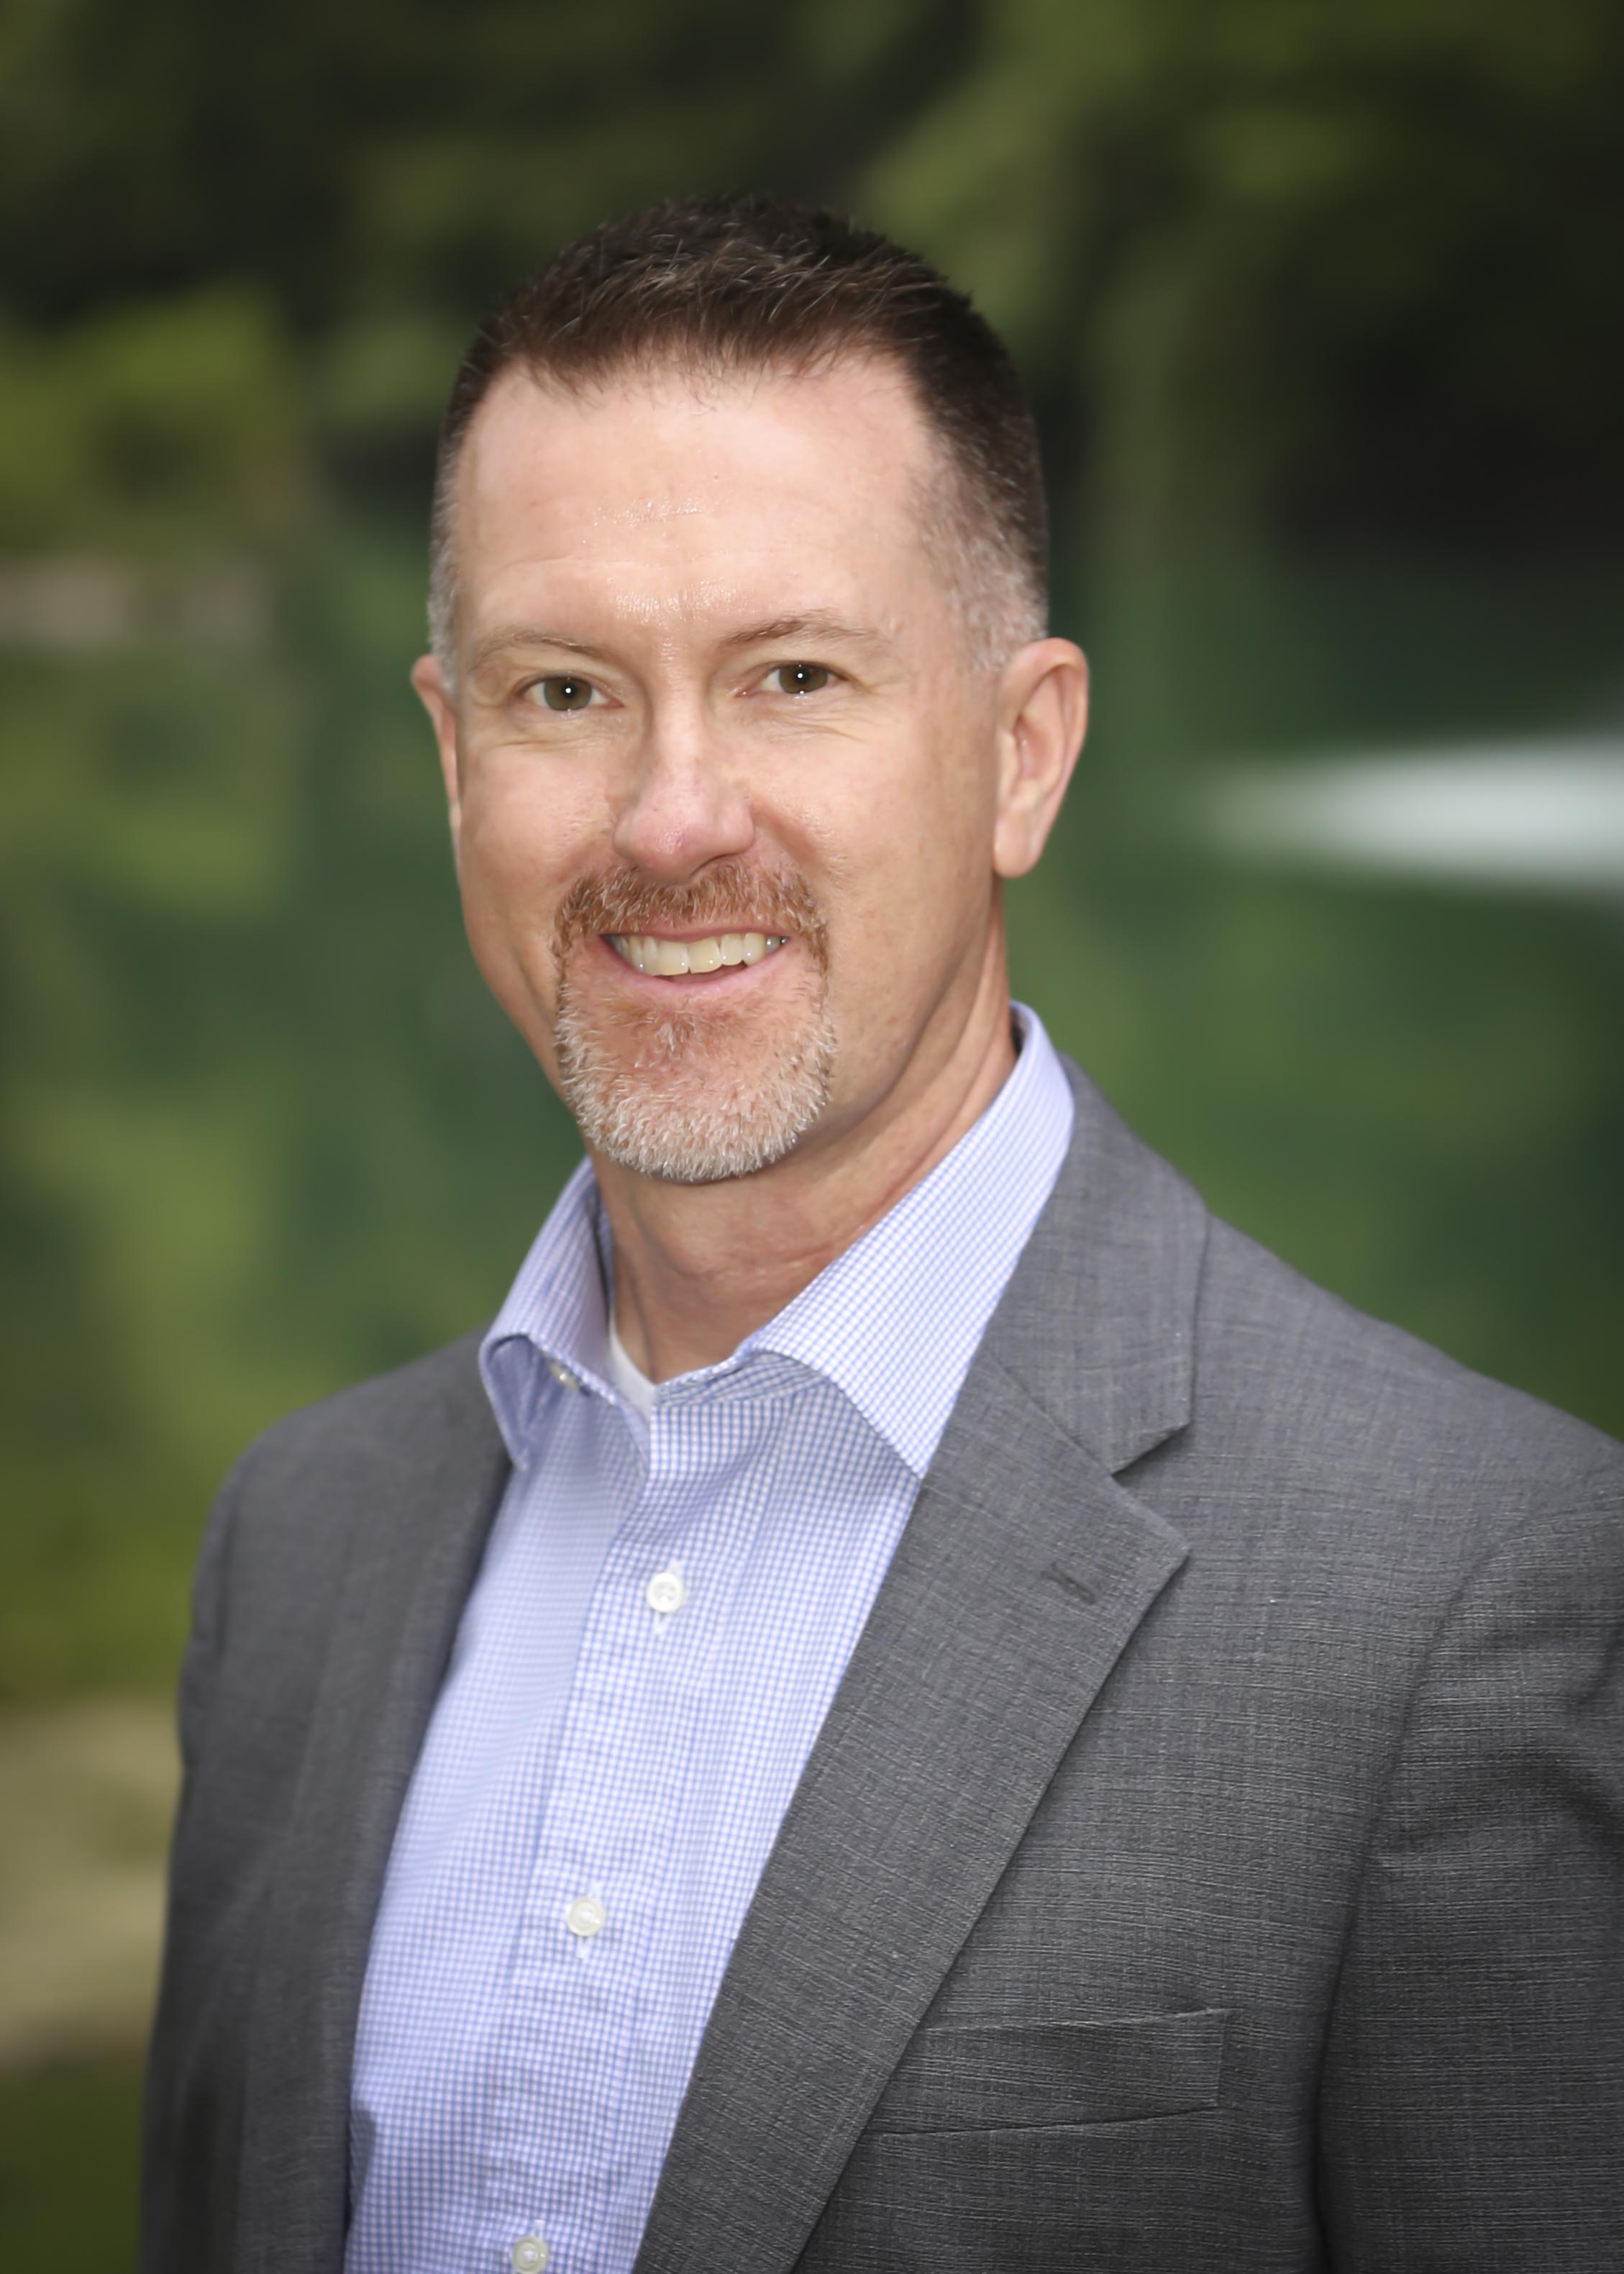 Dave L. Hutson